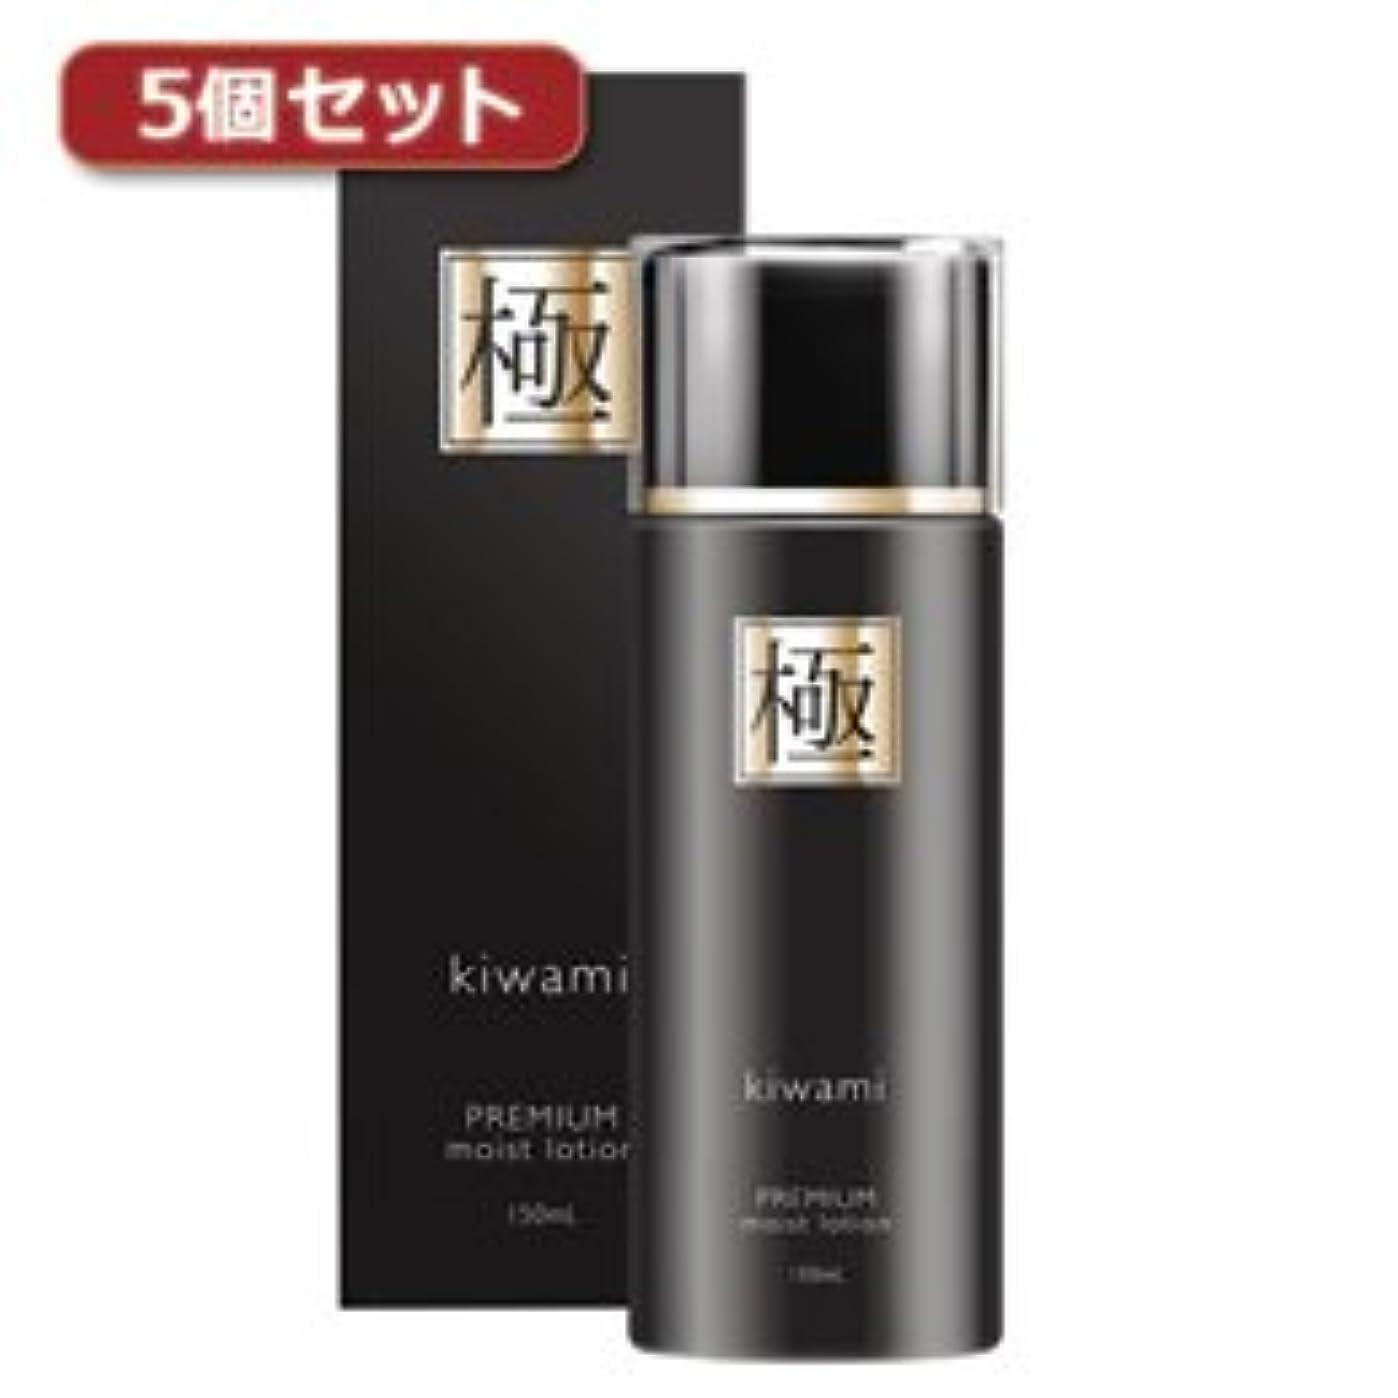 高原リフト王女(2個まとめ売り) 5個セット極 プレミアムモイストローション premium moist lotion EV96454X5